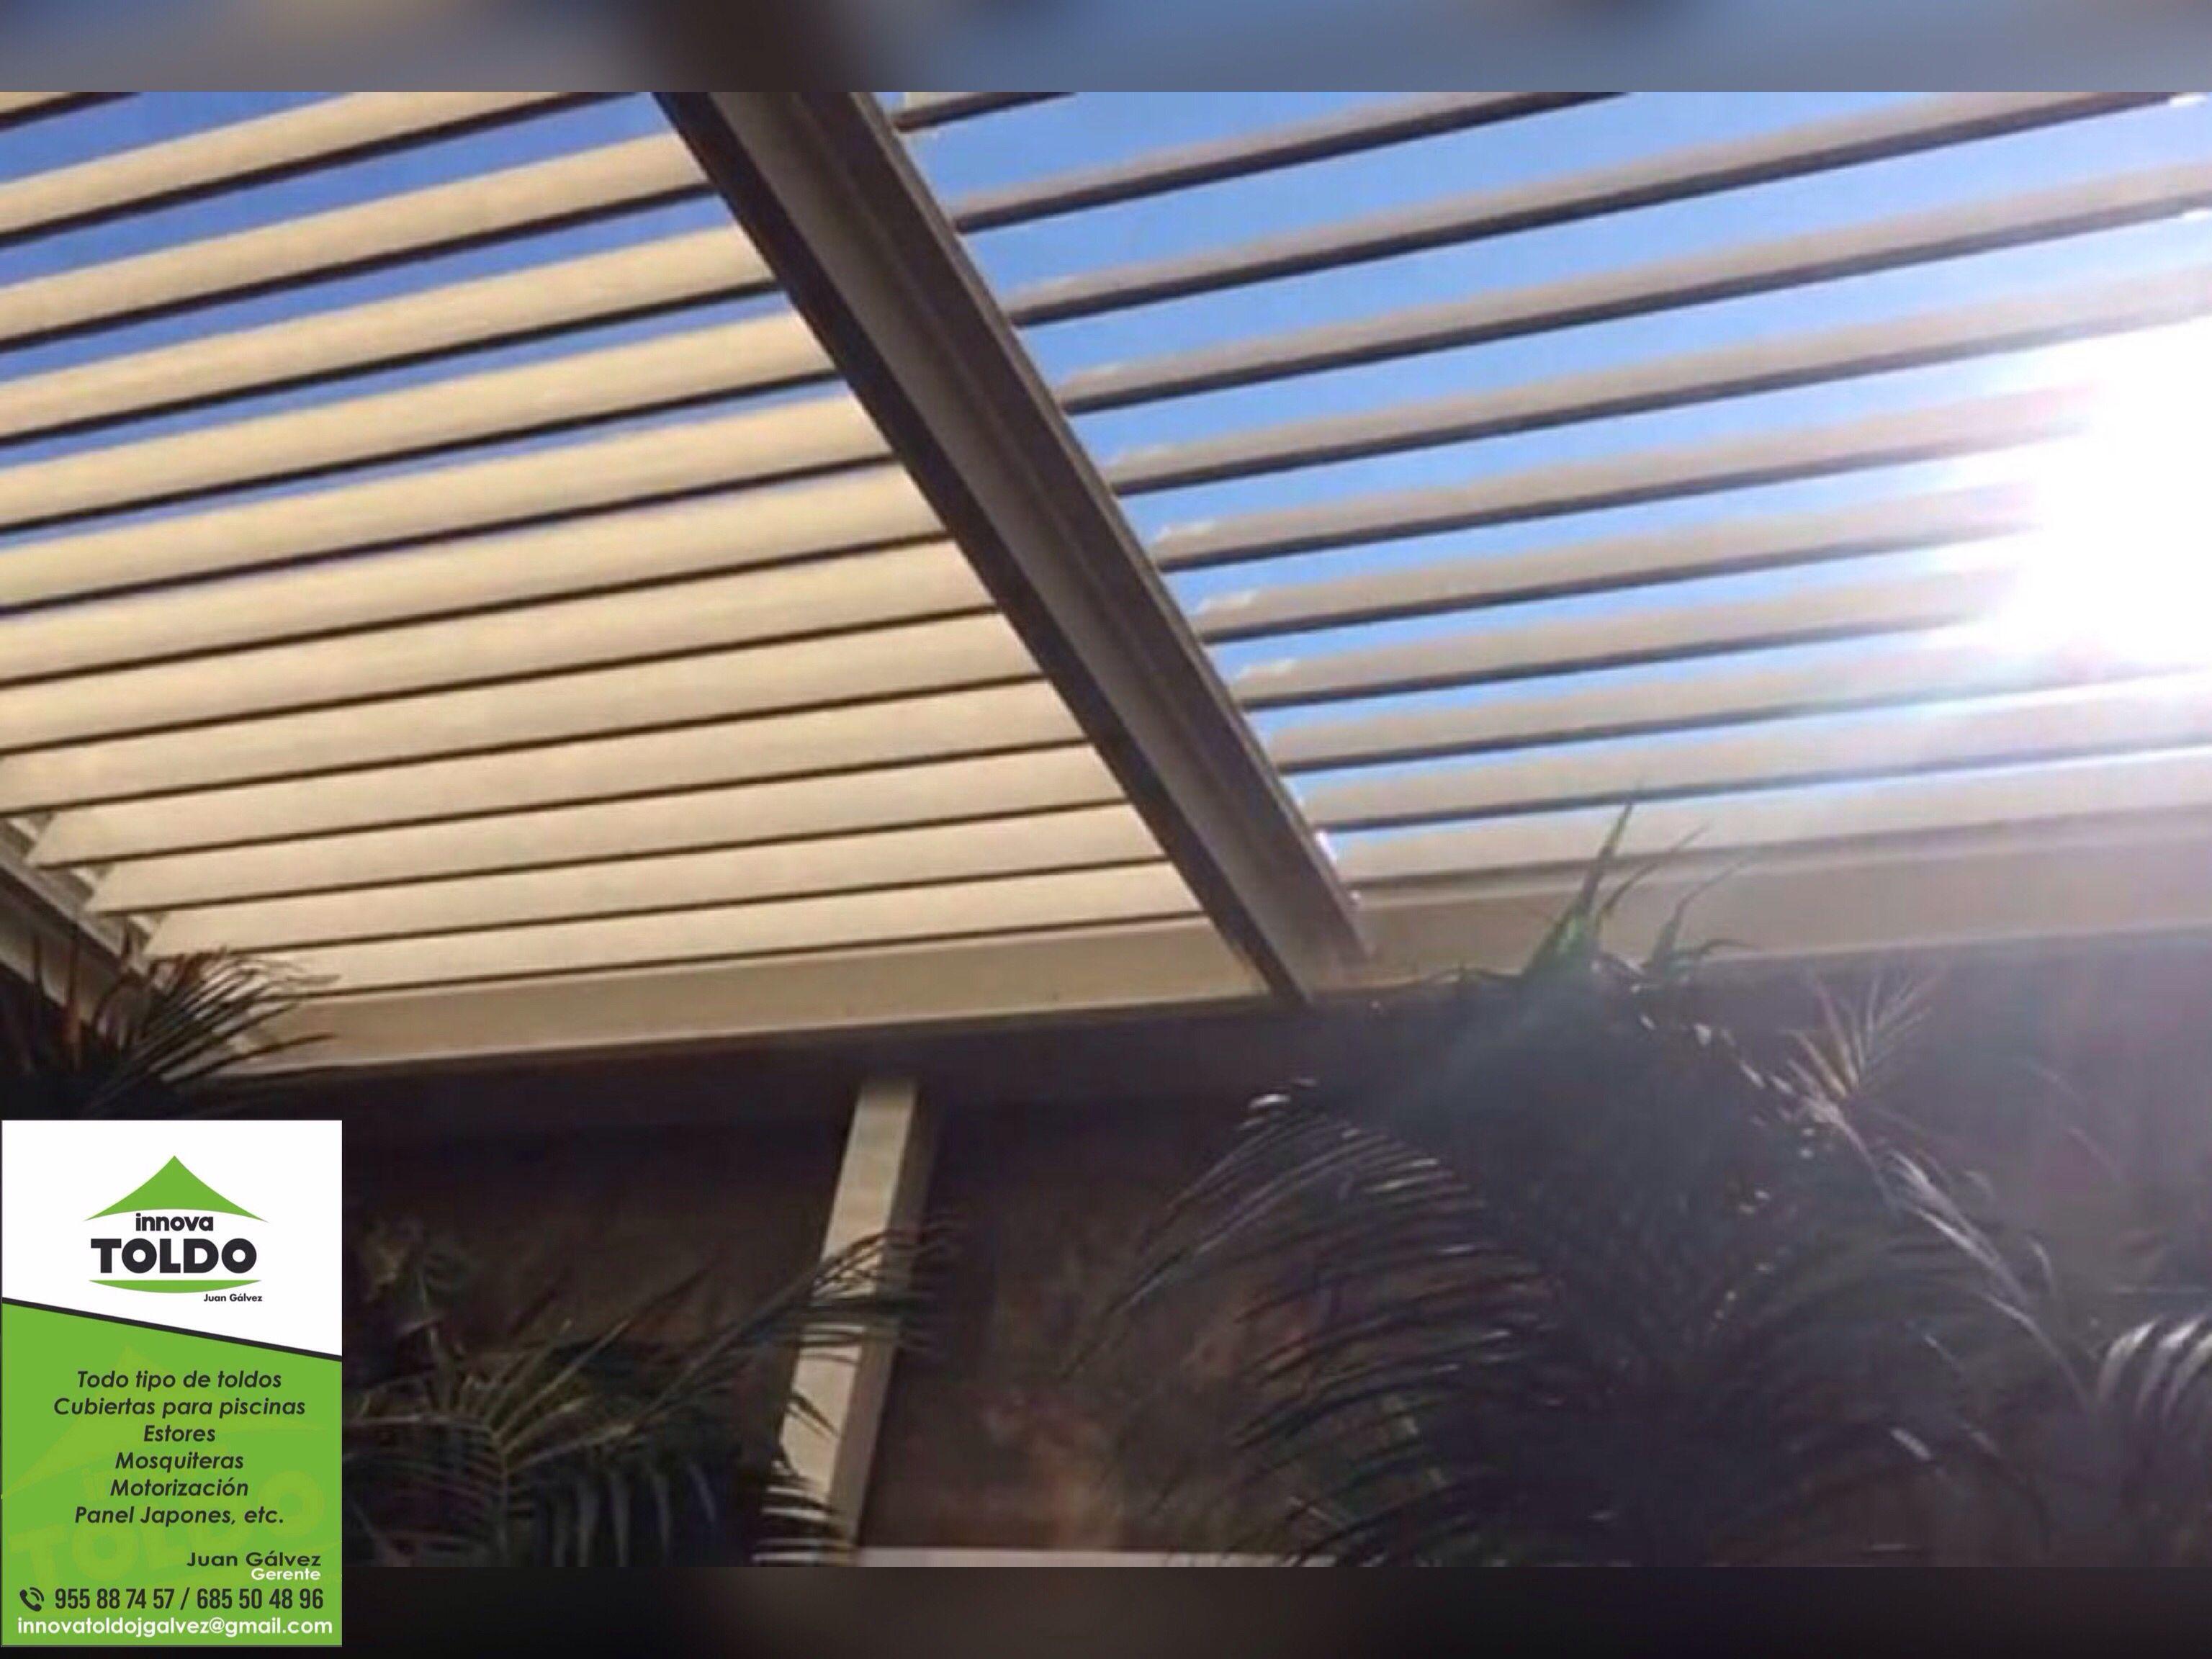 Pergola Bioclimatica Aluminio Pergolas Colores Ral 4 Estaciones Del Ano